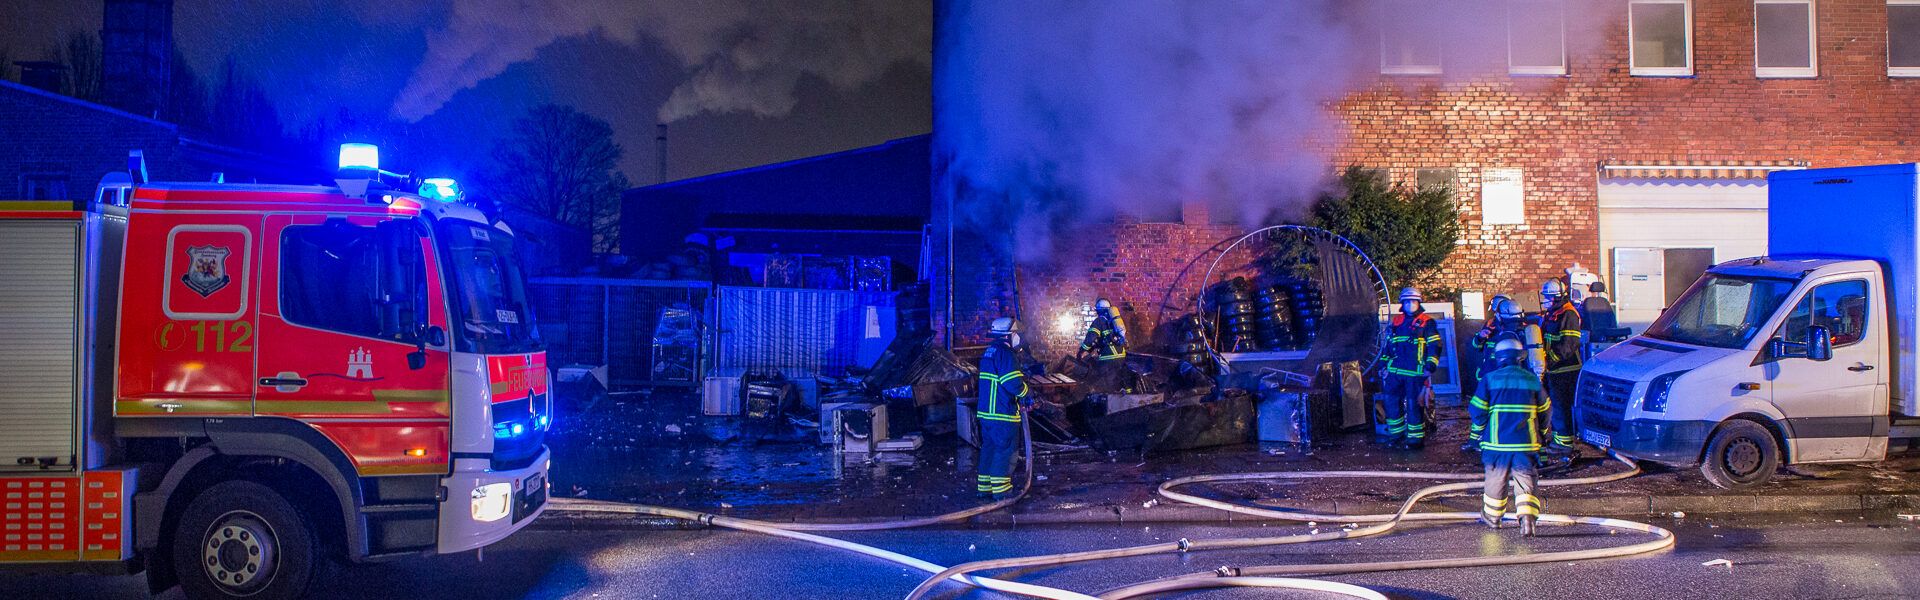 28.12.2020 – Feuer vor Lagerhalle weitet sich aus